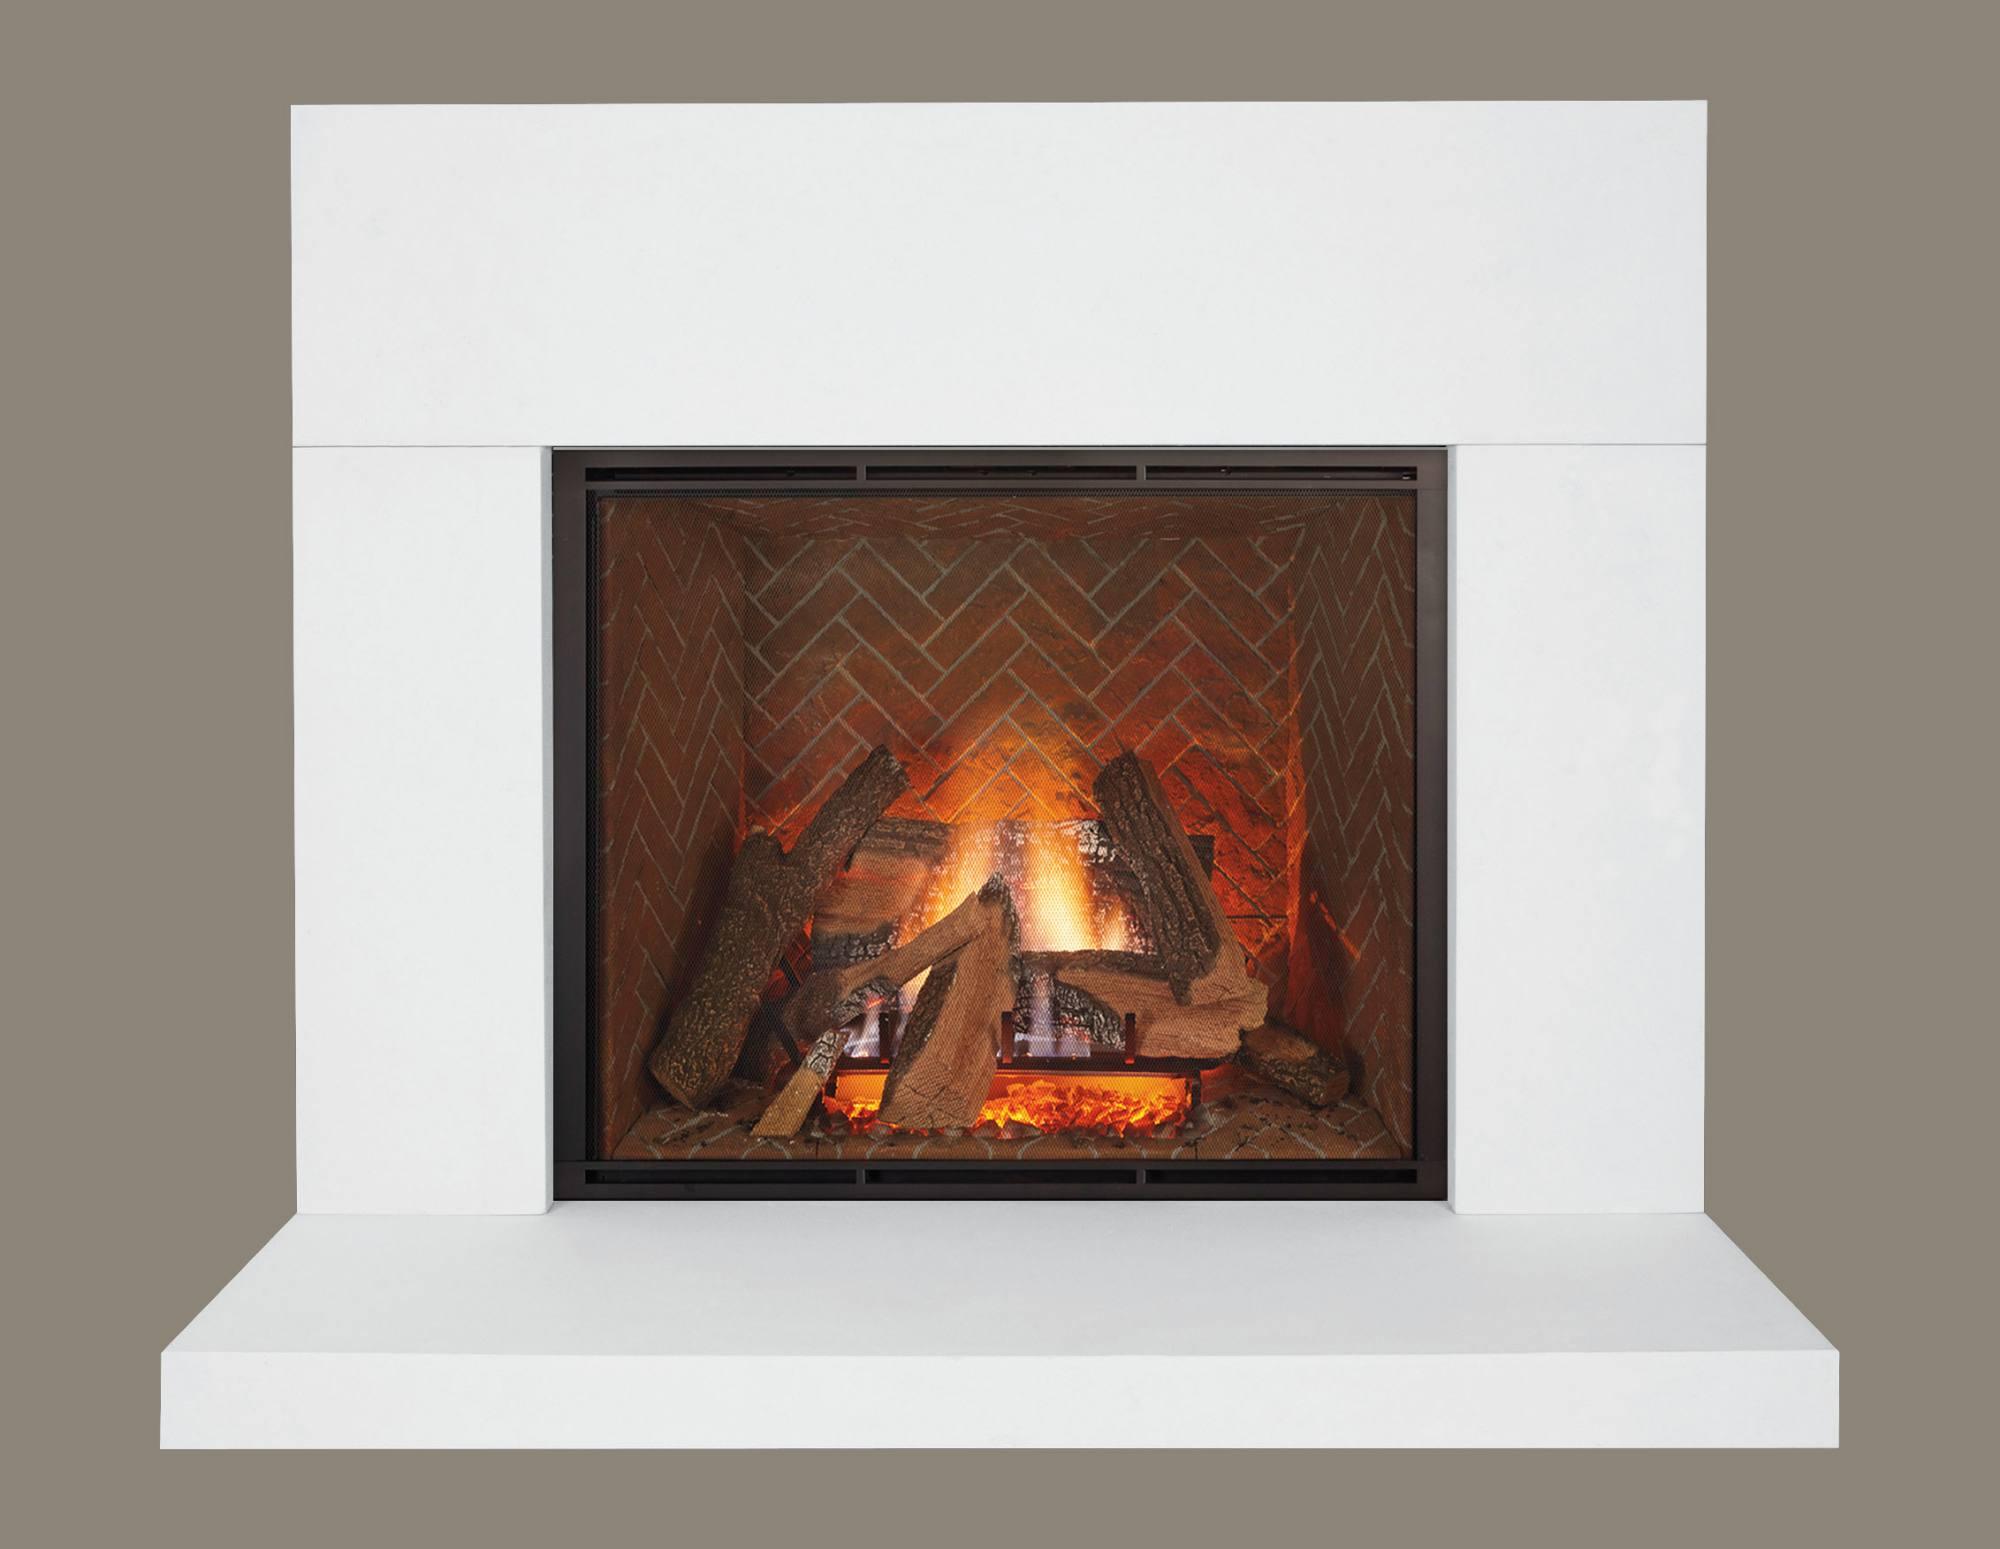 Pre Cast Modern Mantel Fireplace Fireplace Services